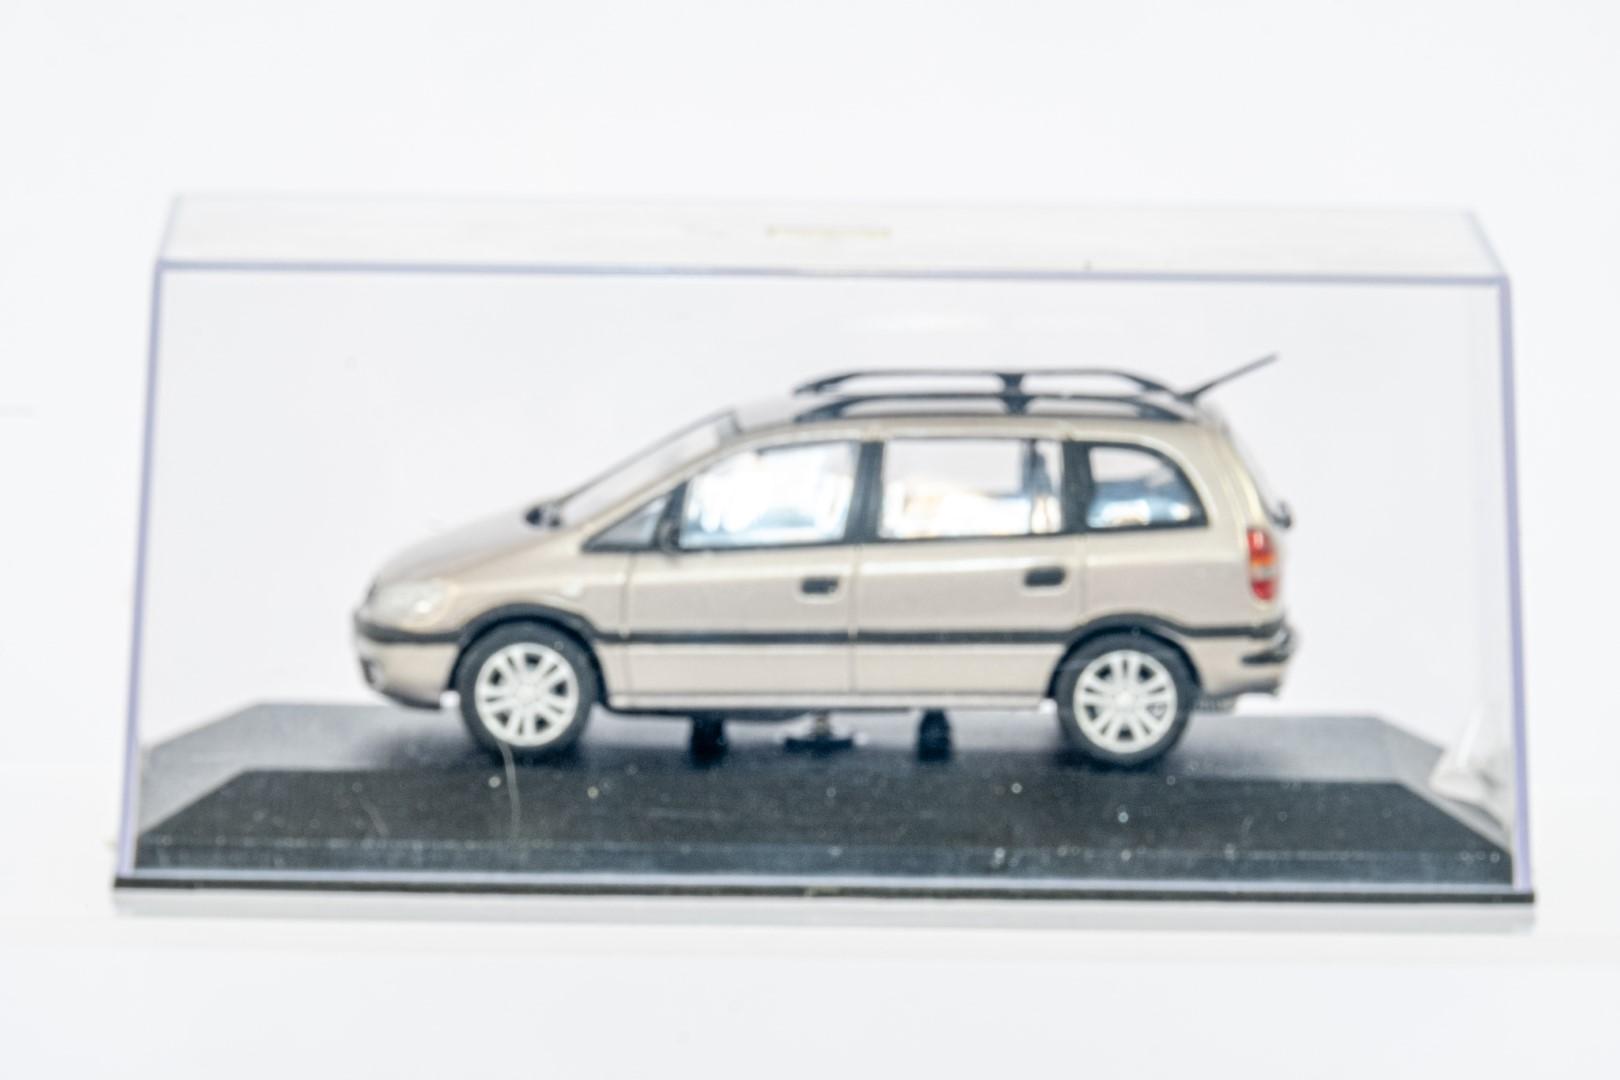 2 x Boxed Car Models - Vauxhall Zafira & Insignia - Image 5 of 7